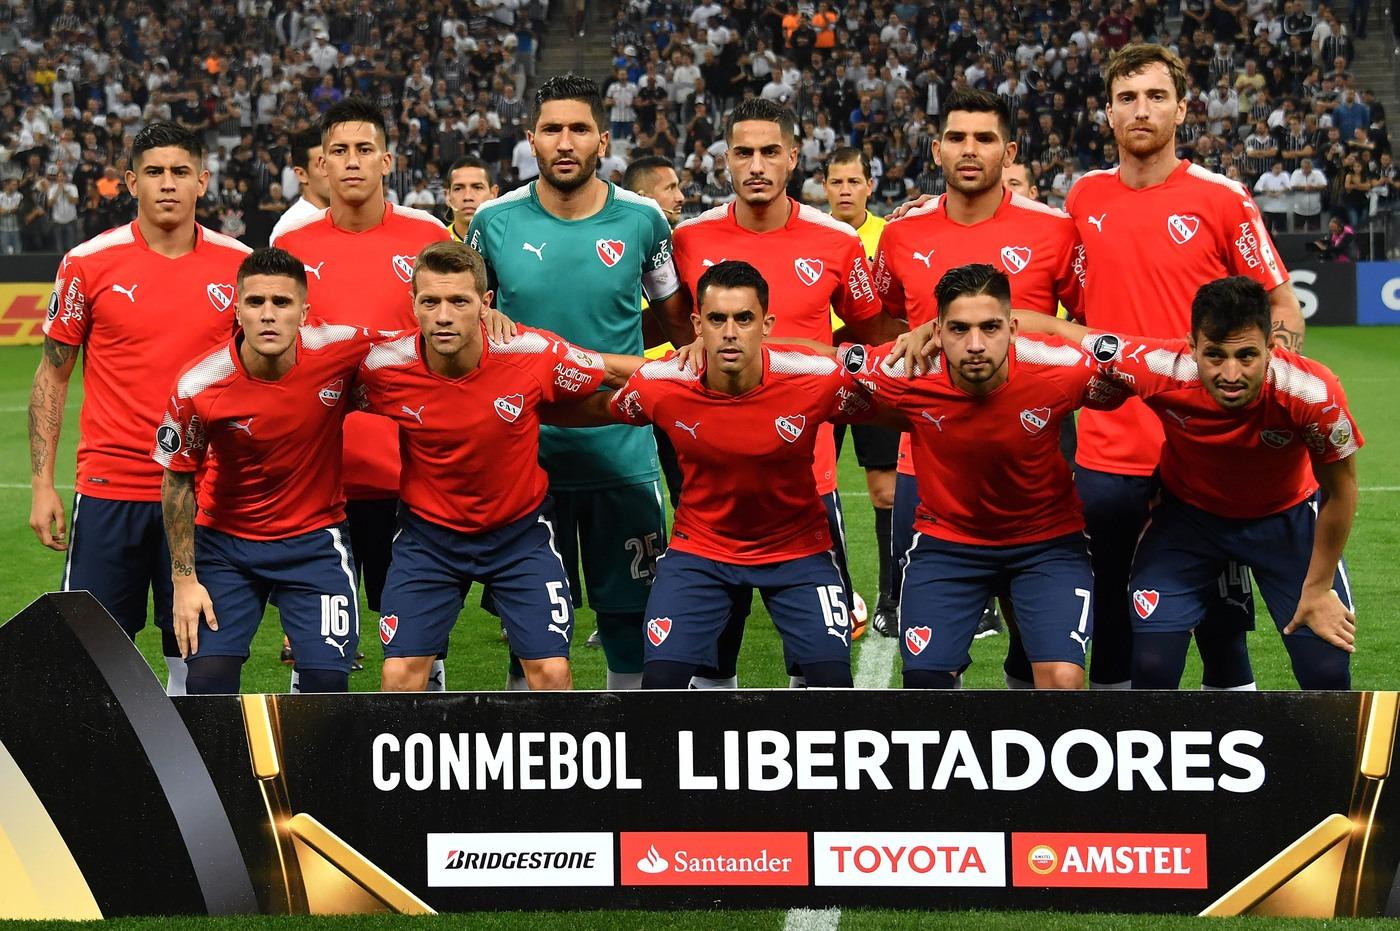 Universidad Catolica-Independiente giovedì 1 agosto